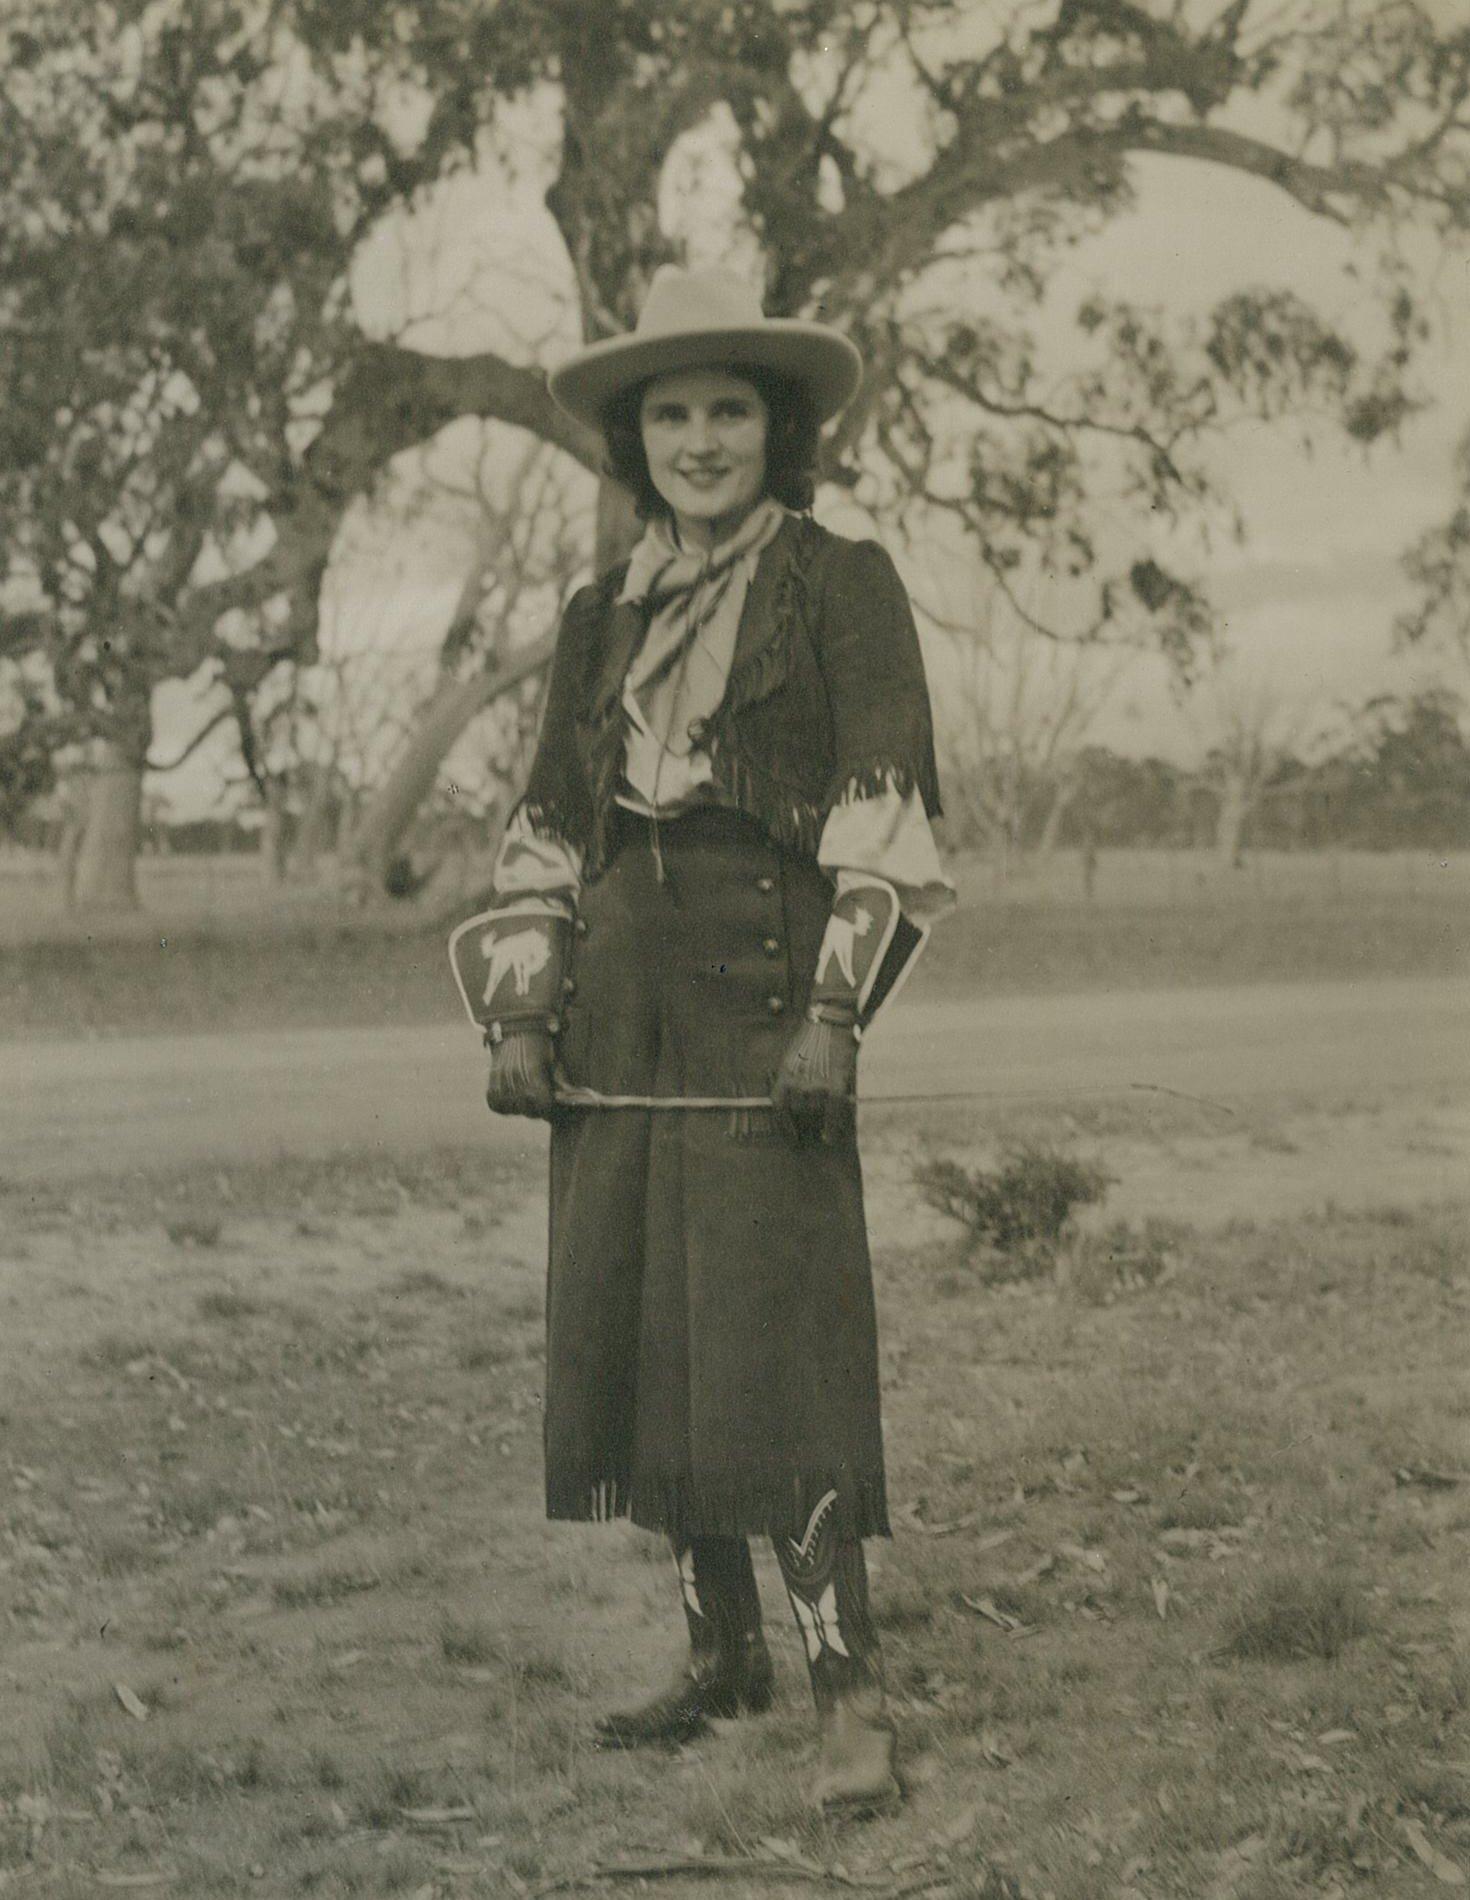 'Cowgirl' Claire Adams Mackinnon